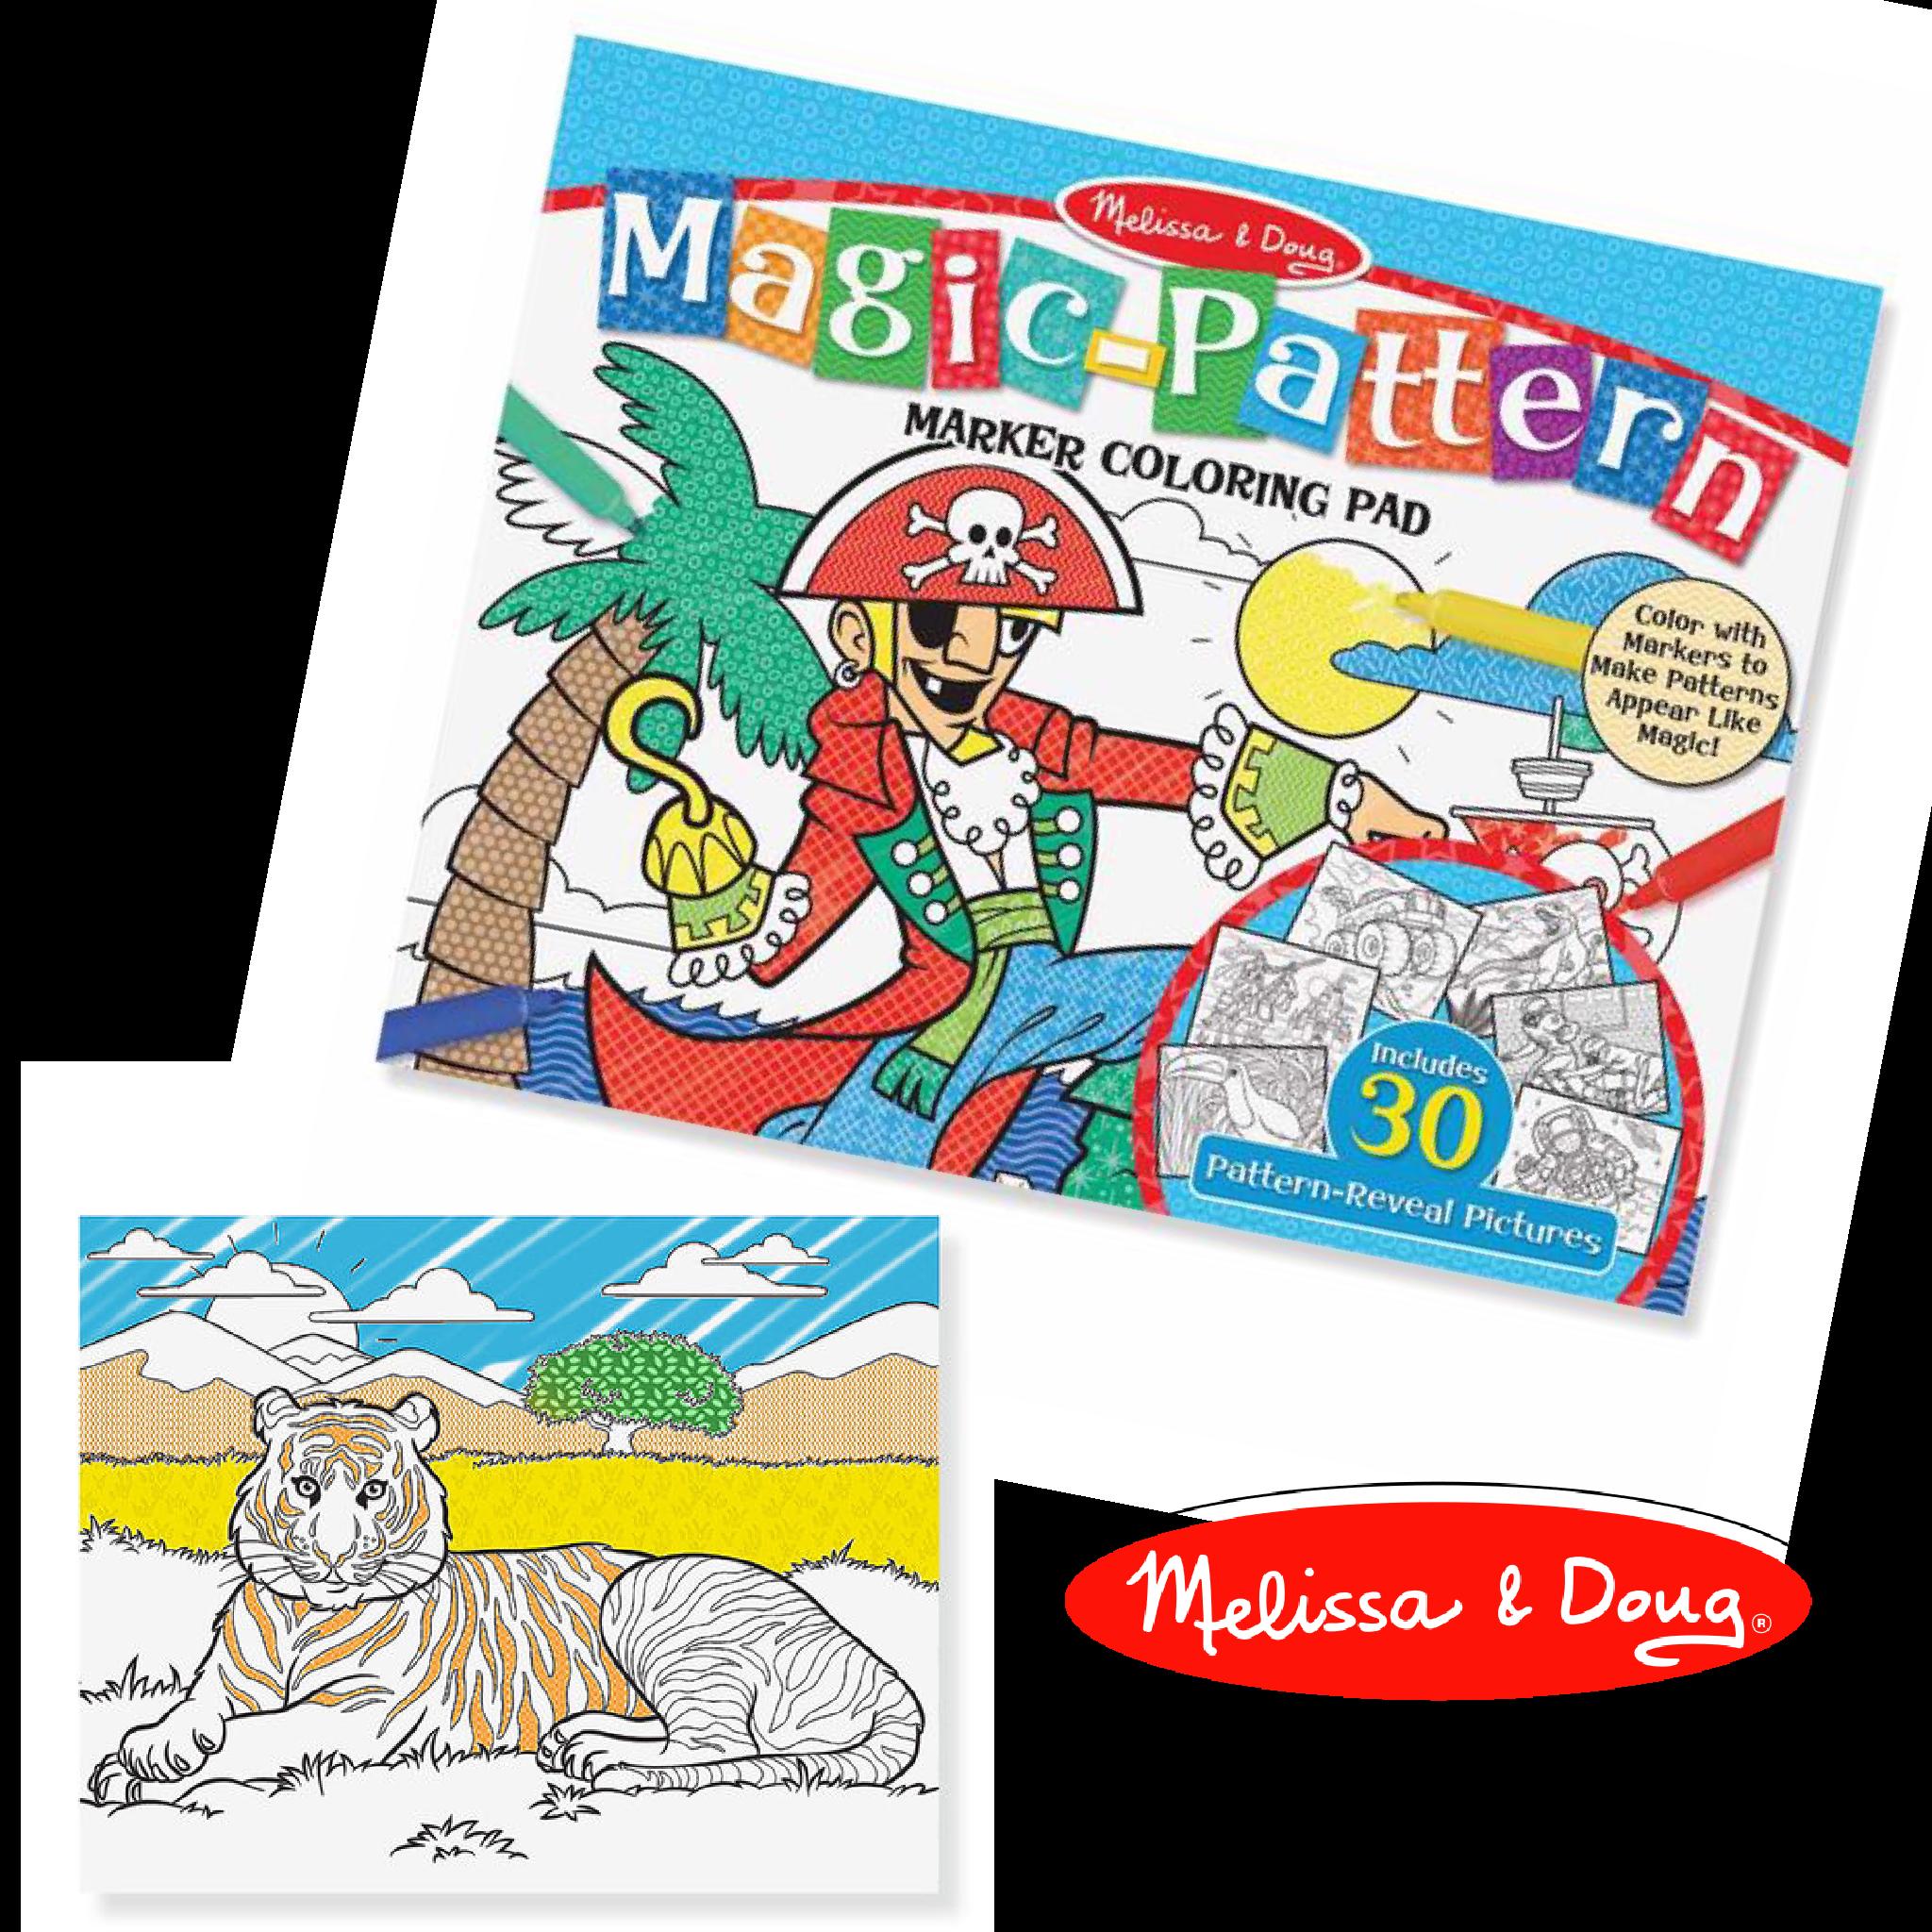 แผ่นภาพระบายสีมหัศจรรย์ Melissa & Doug รุ่น Magic Pattern Marker Coloring Pad (Blue)